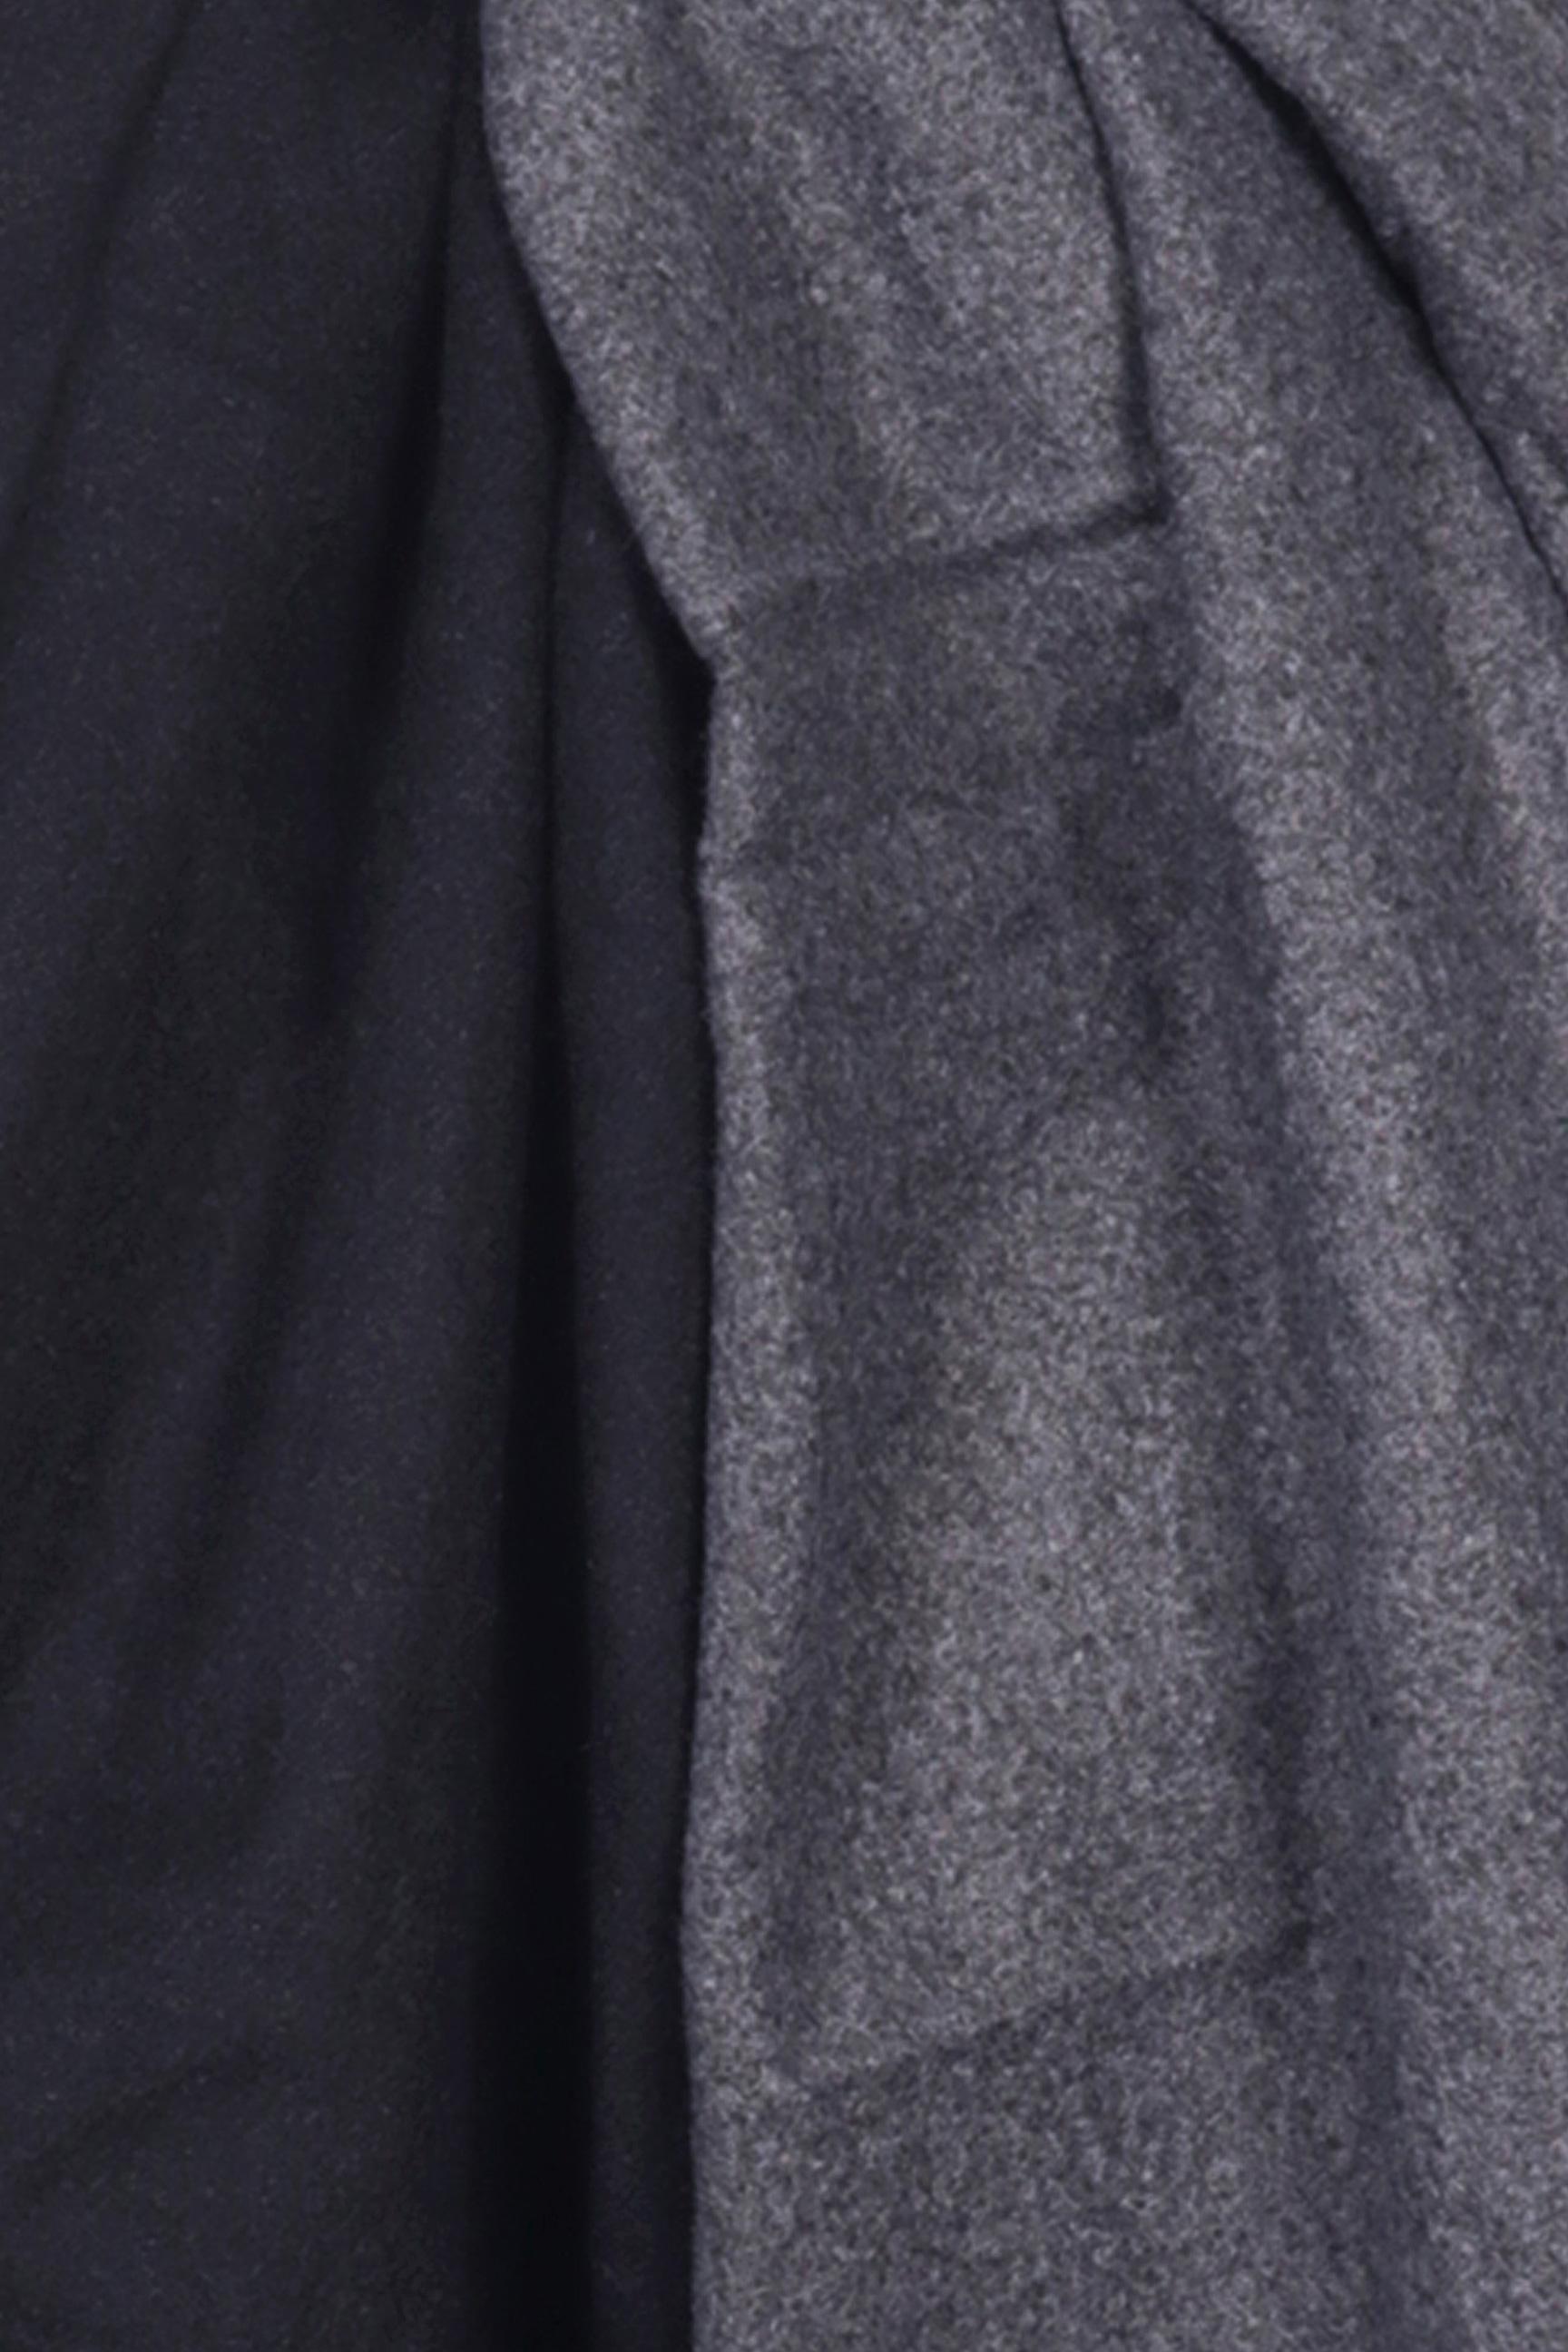 Inel Echarpes Gants Femme De Couleur Noir En Soldes Pas Cher 1273051-noir00